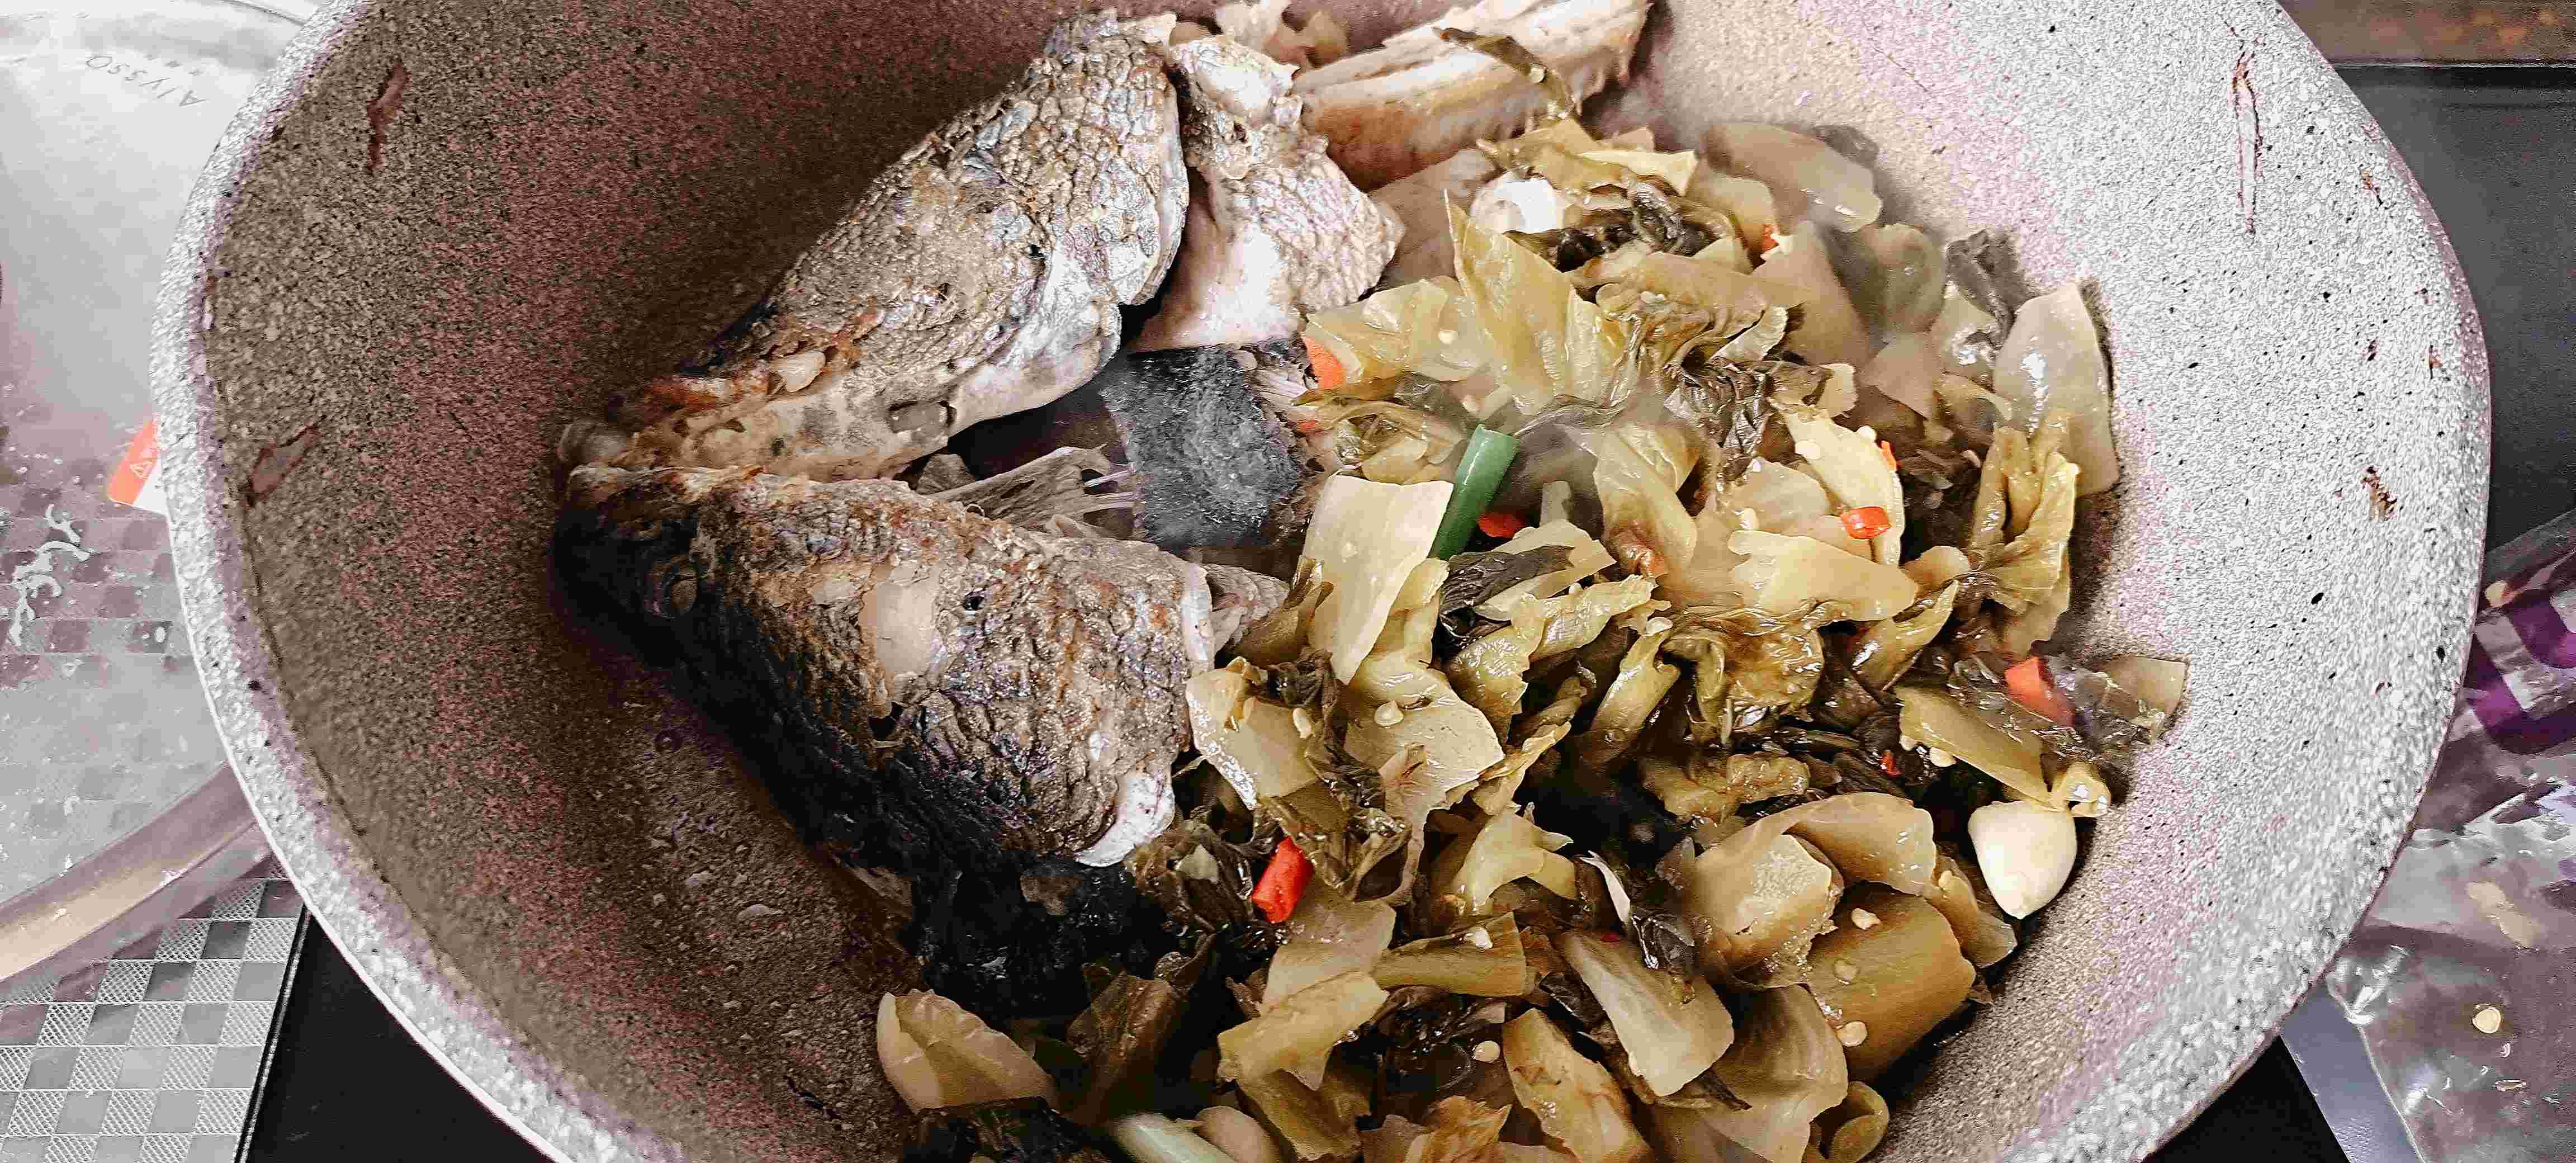 好吃的酸菜鱼做法,10分钟学会~酸菜鱼怎么吃